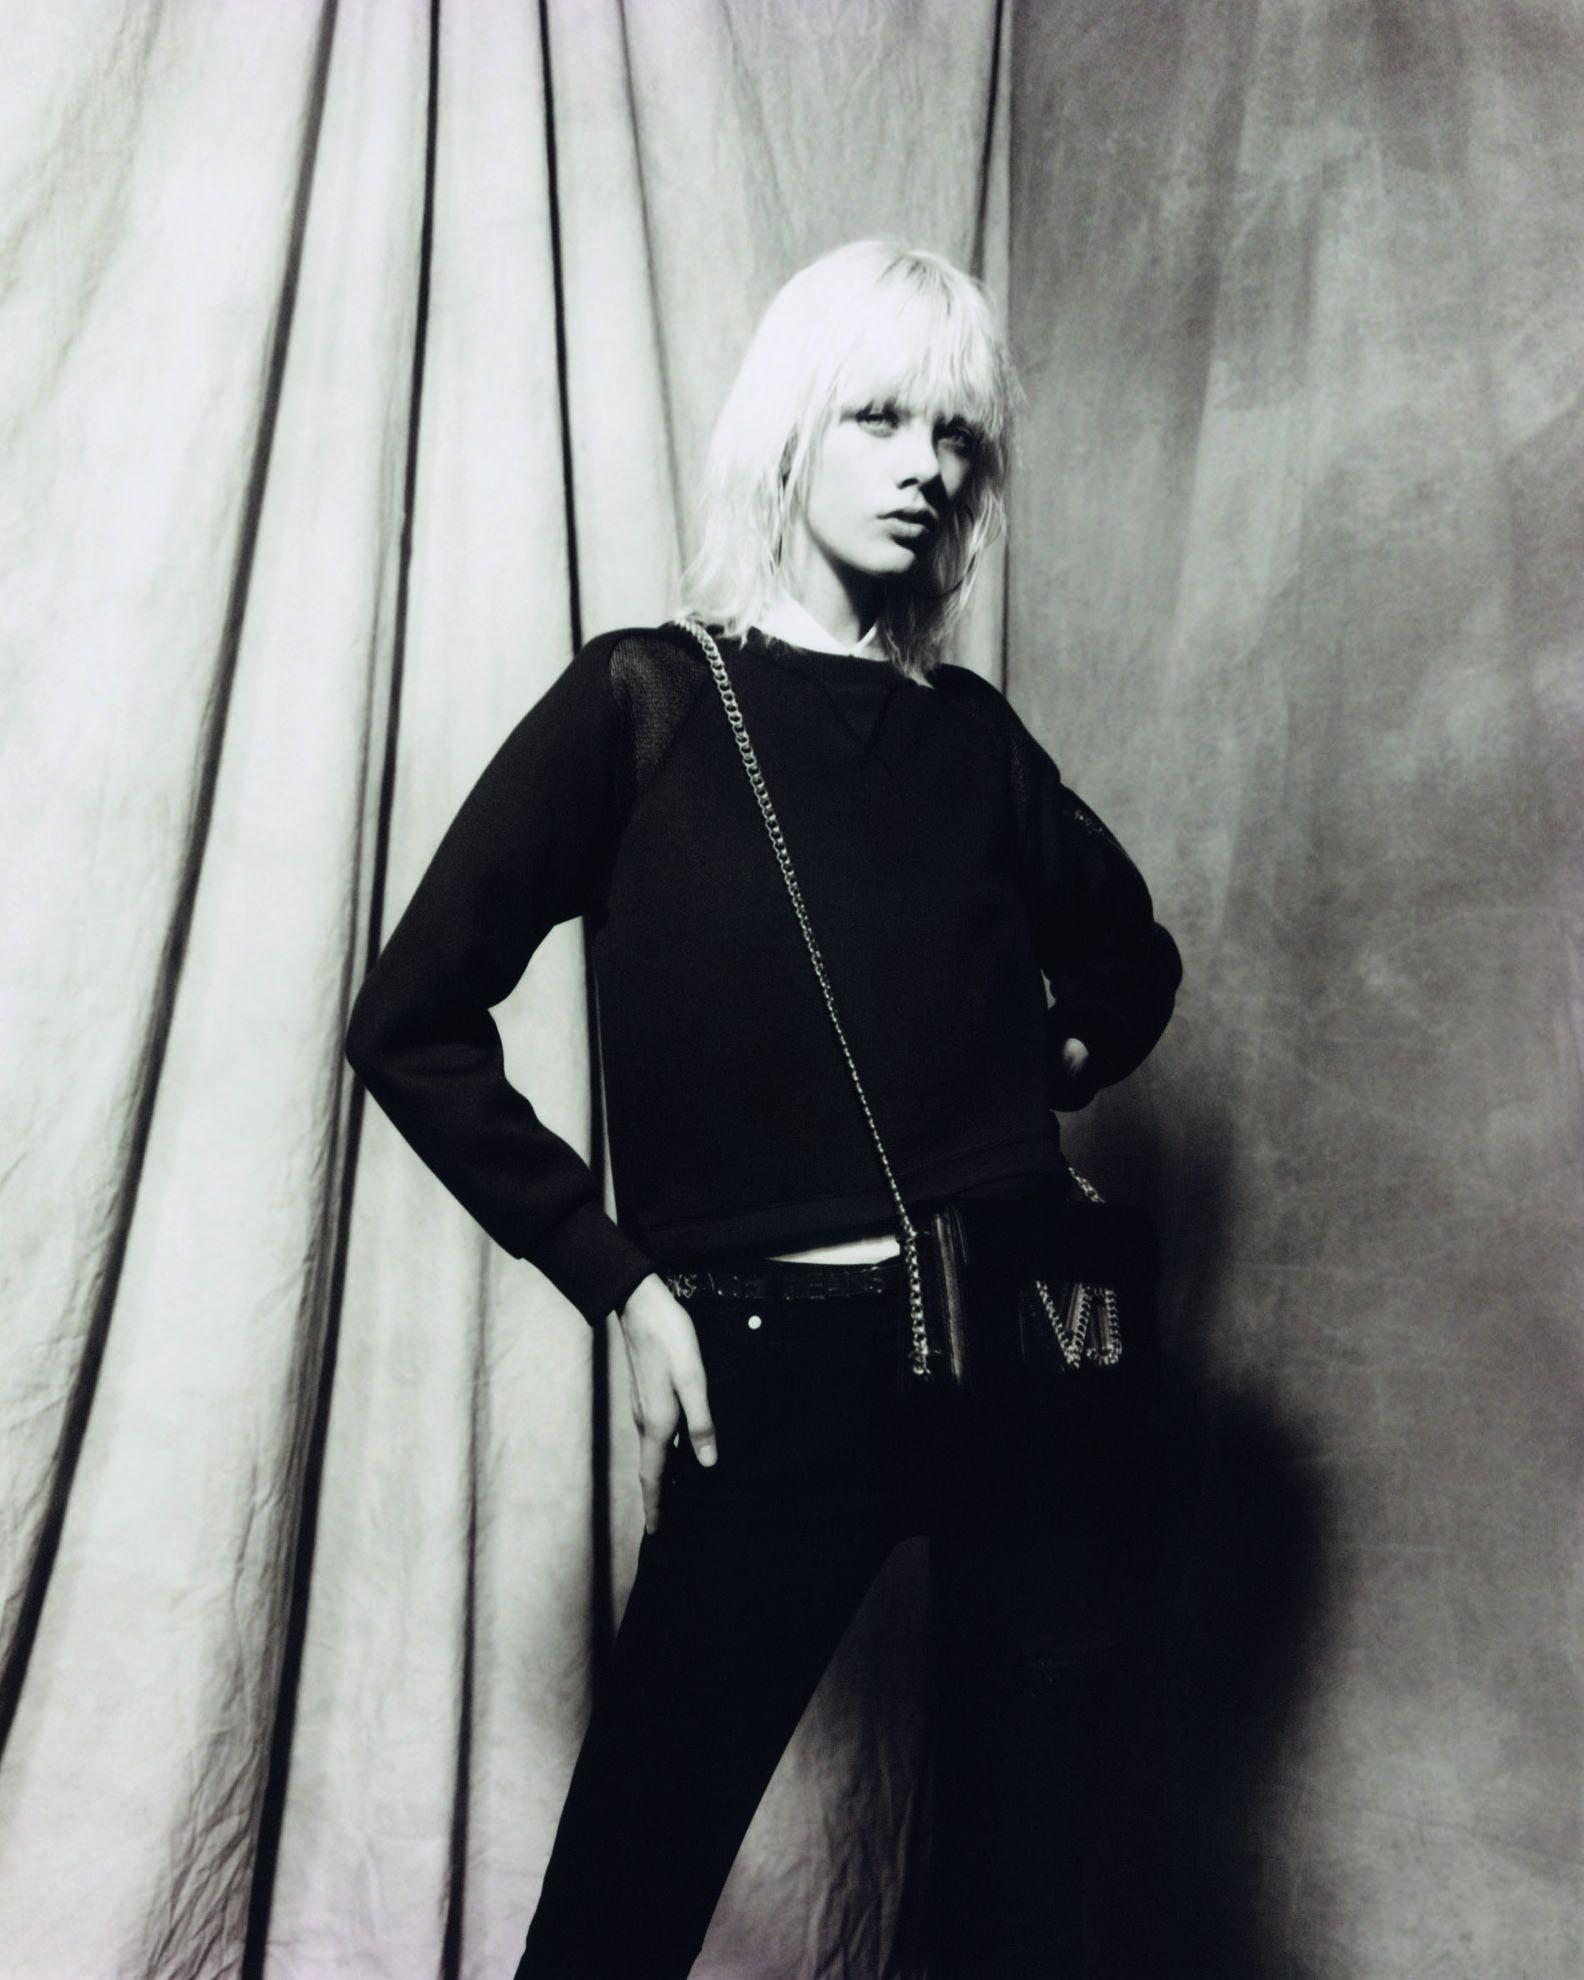 Modni dodaci iz Versace Jeans kolekcije koje ćete poželjeti imati